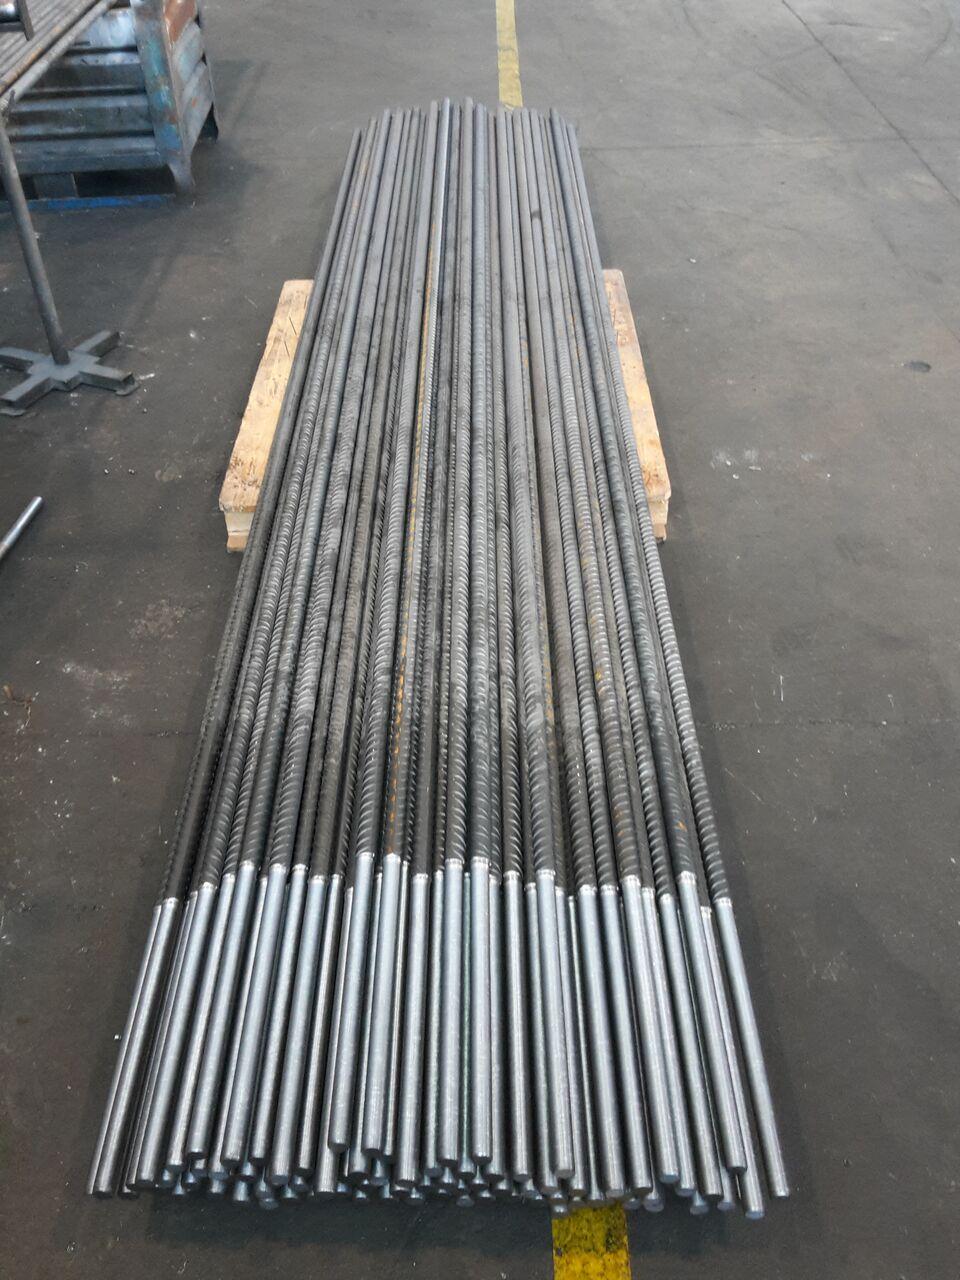 Barre-filettate-a-caldo-parzialmente-150x150.jpg